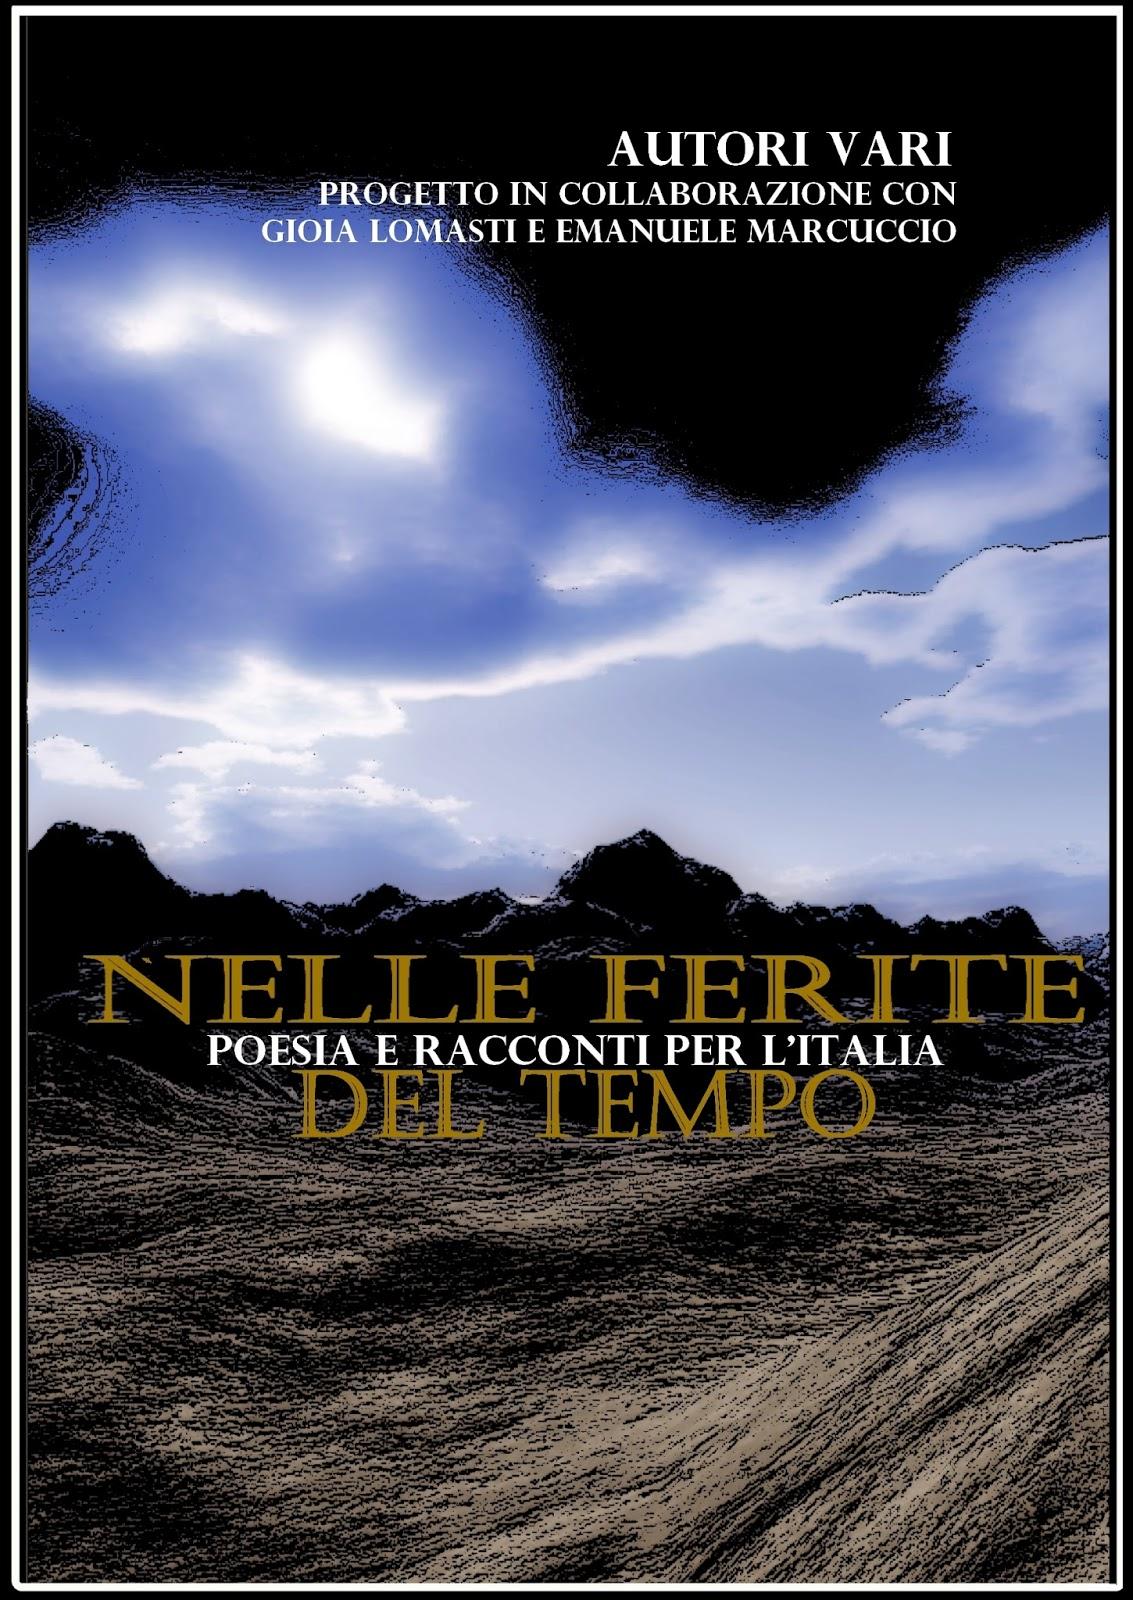 Nelle ferite del tempo, l'opera antologica ideata e curata dai poeti Gioia Lomasti e Emanuele Marcuccio